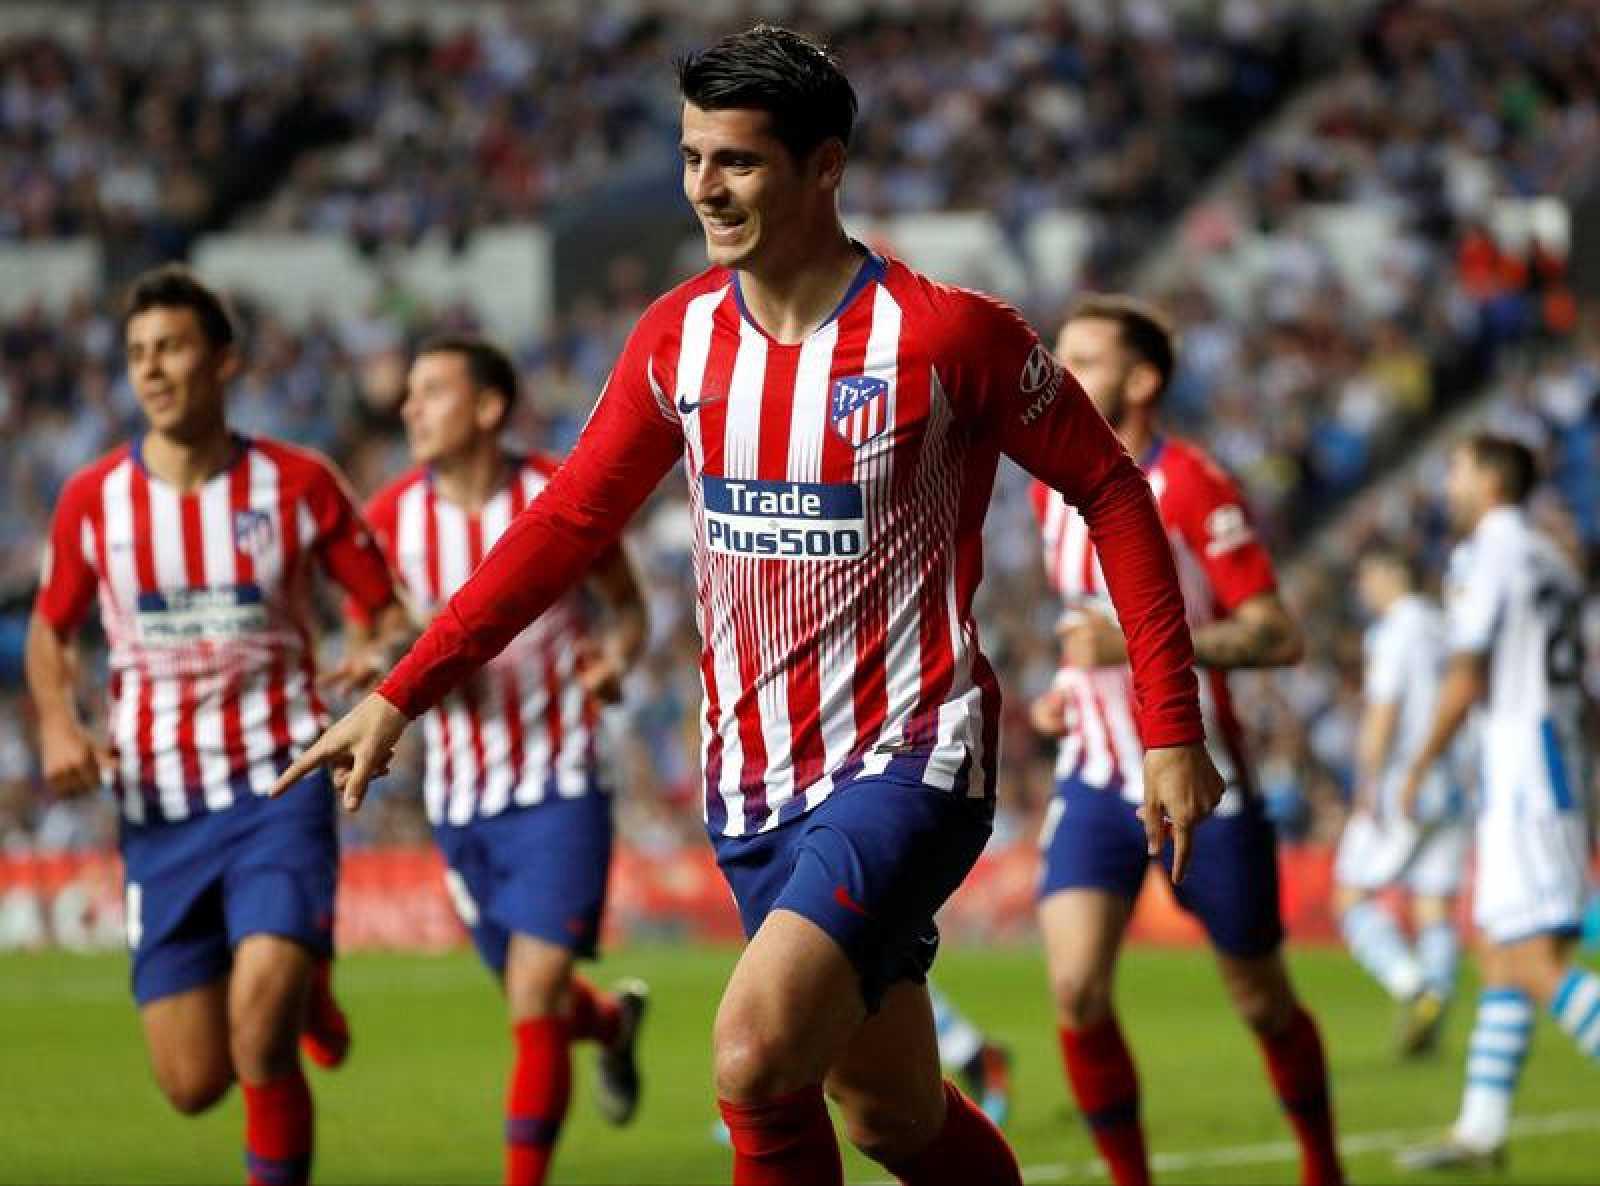 El delantero del Atlético de Madrid Álvaro Morata celebra su segundo gol y segundo del equipo rojiblanco ante la Real Sociedad.